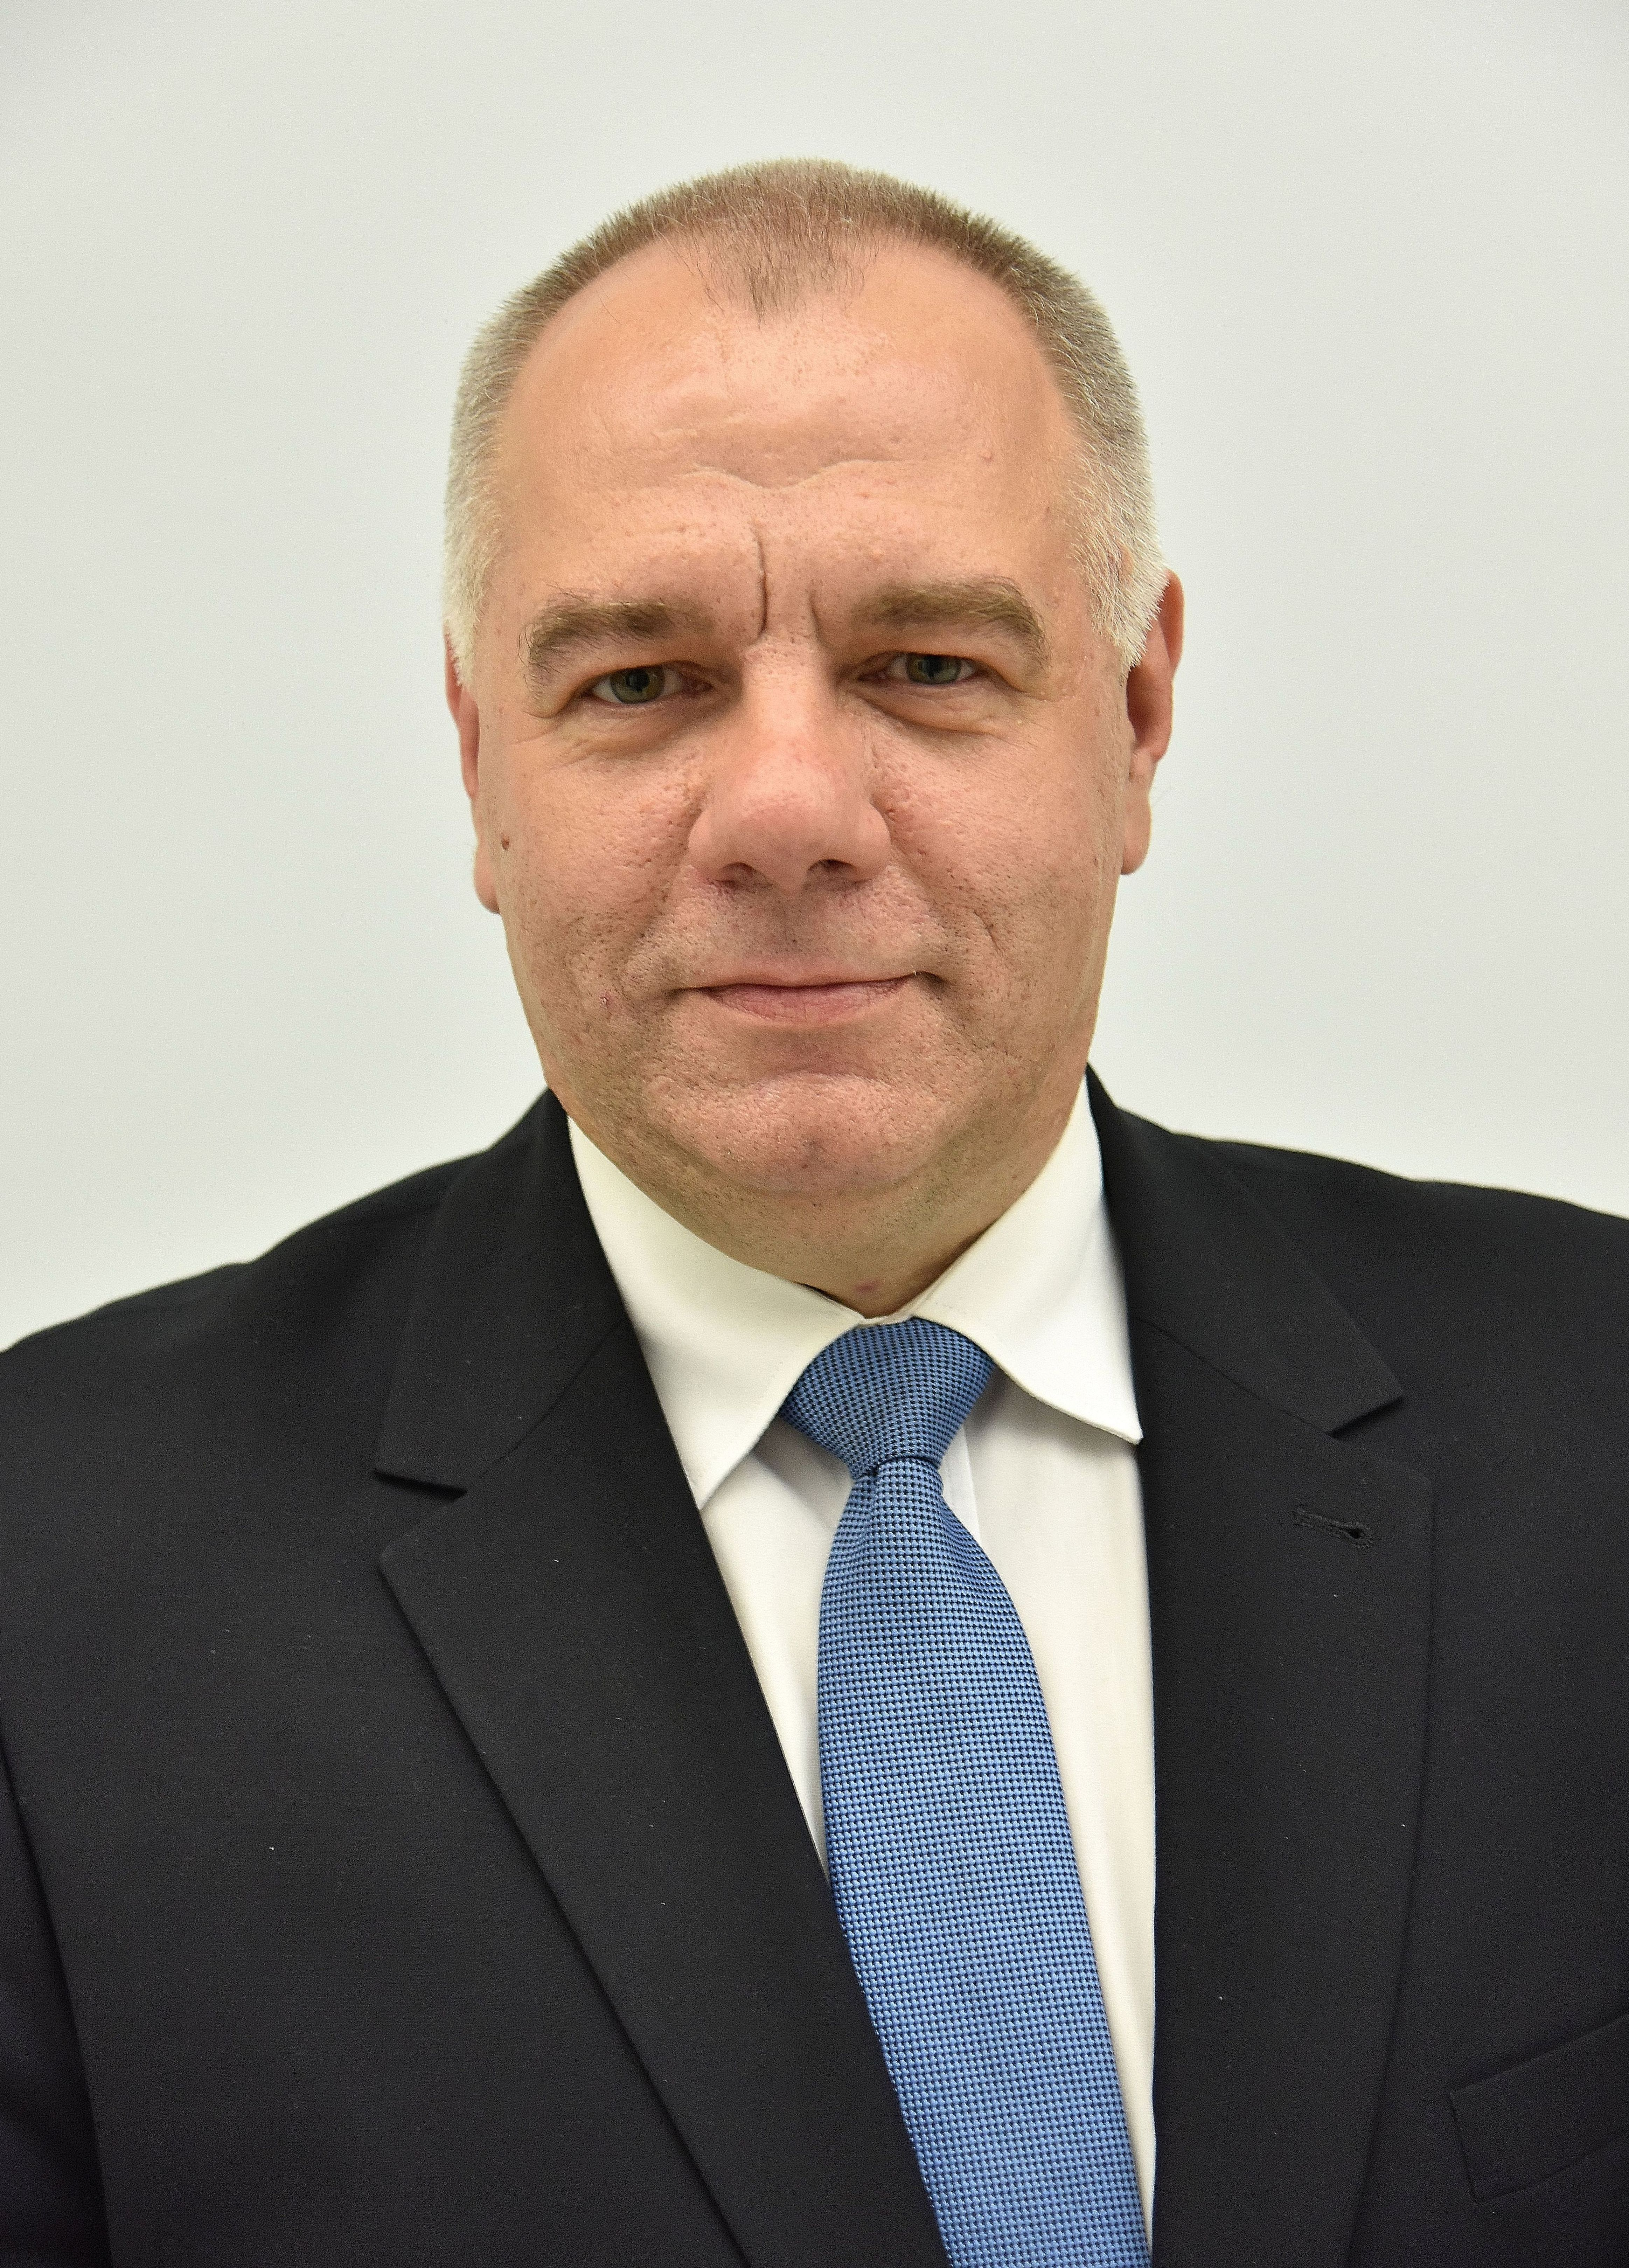 Jacek_Sasin_Sejm_2016